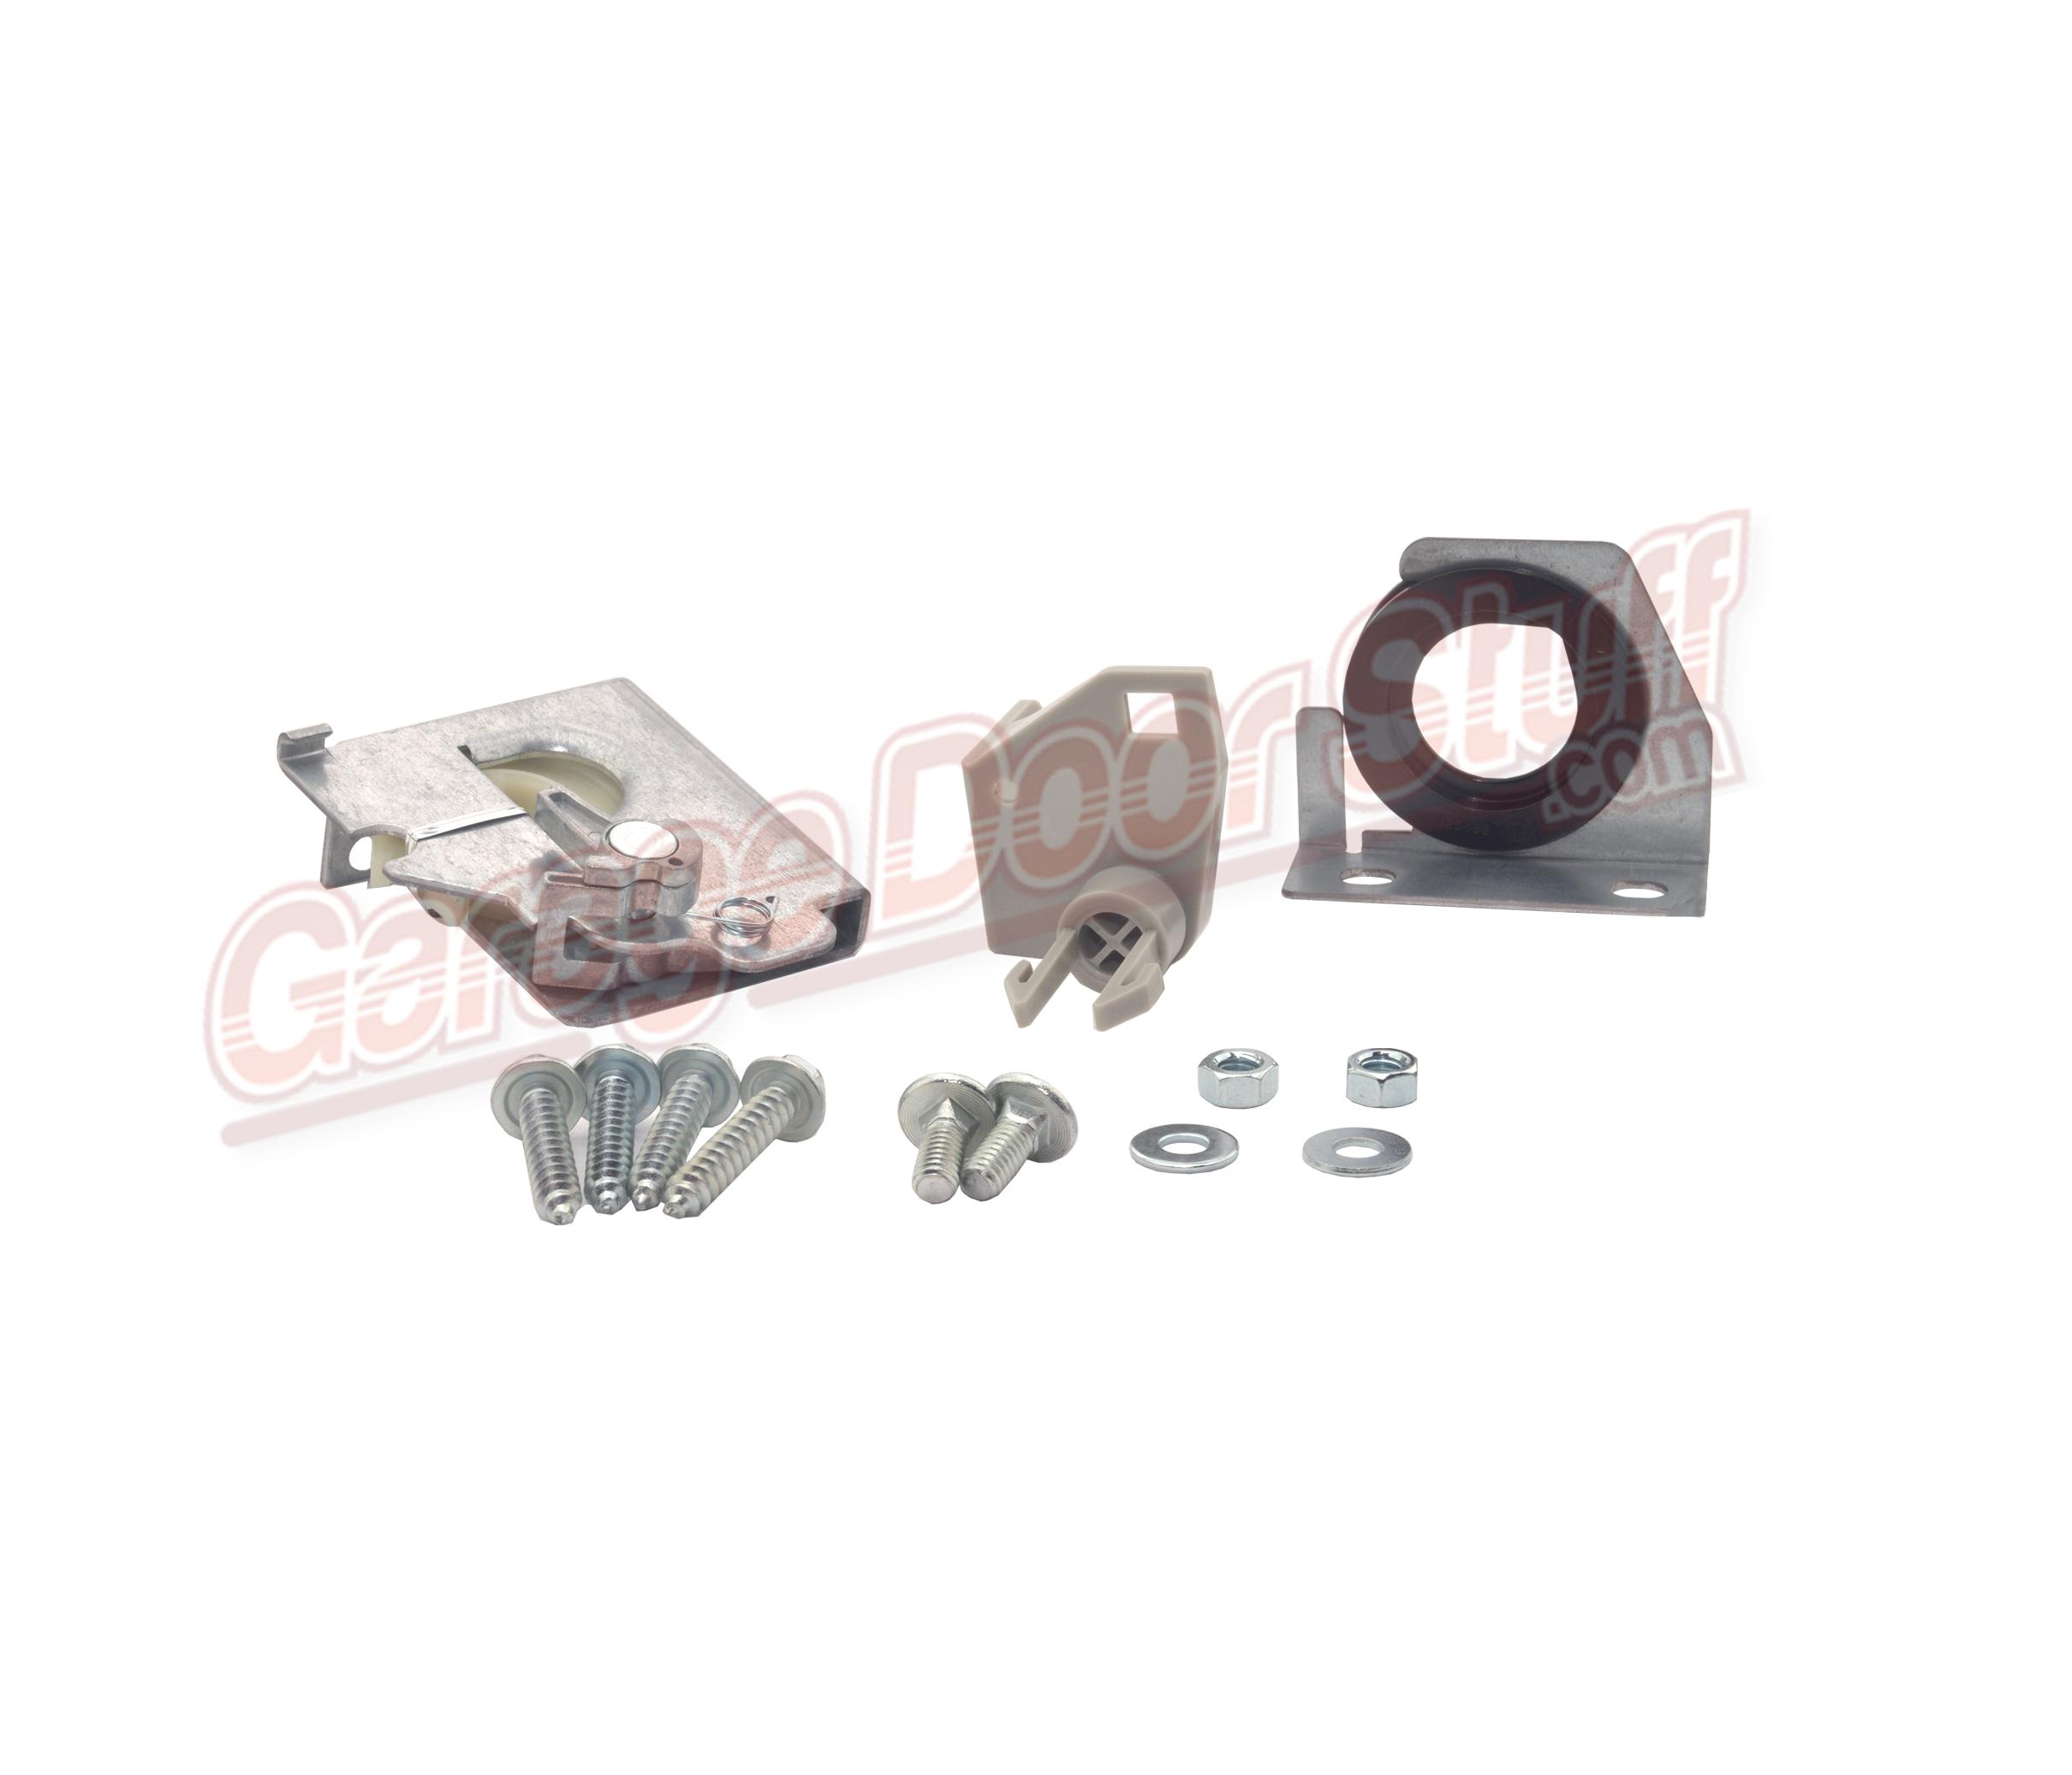 Wayne Dalton Torquemaster Single Spring Kit 351426p00